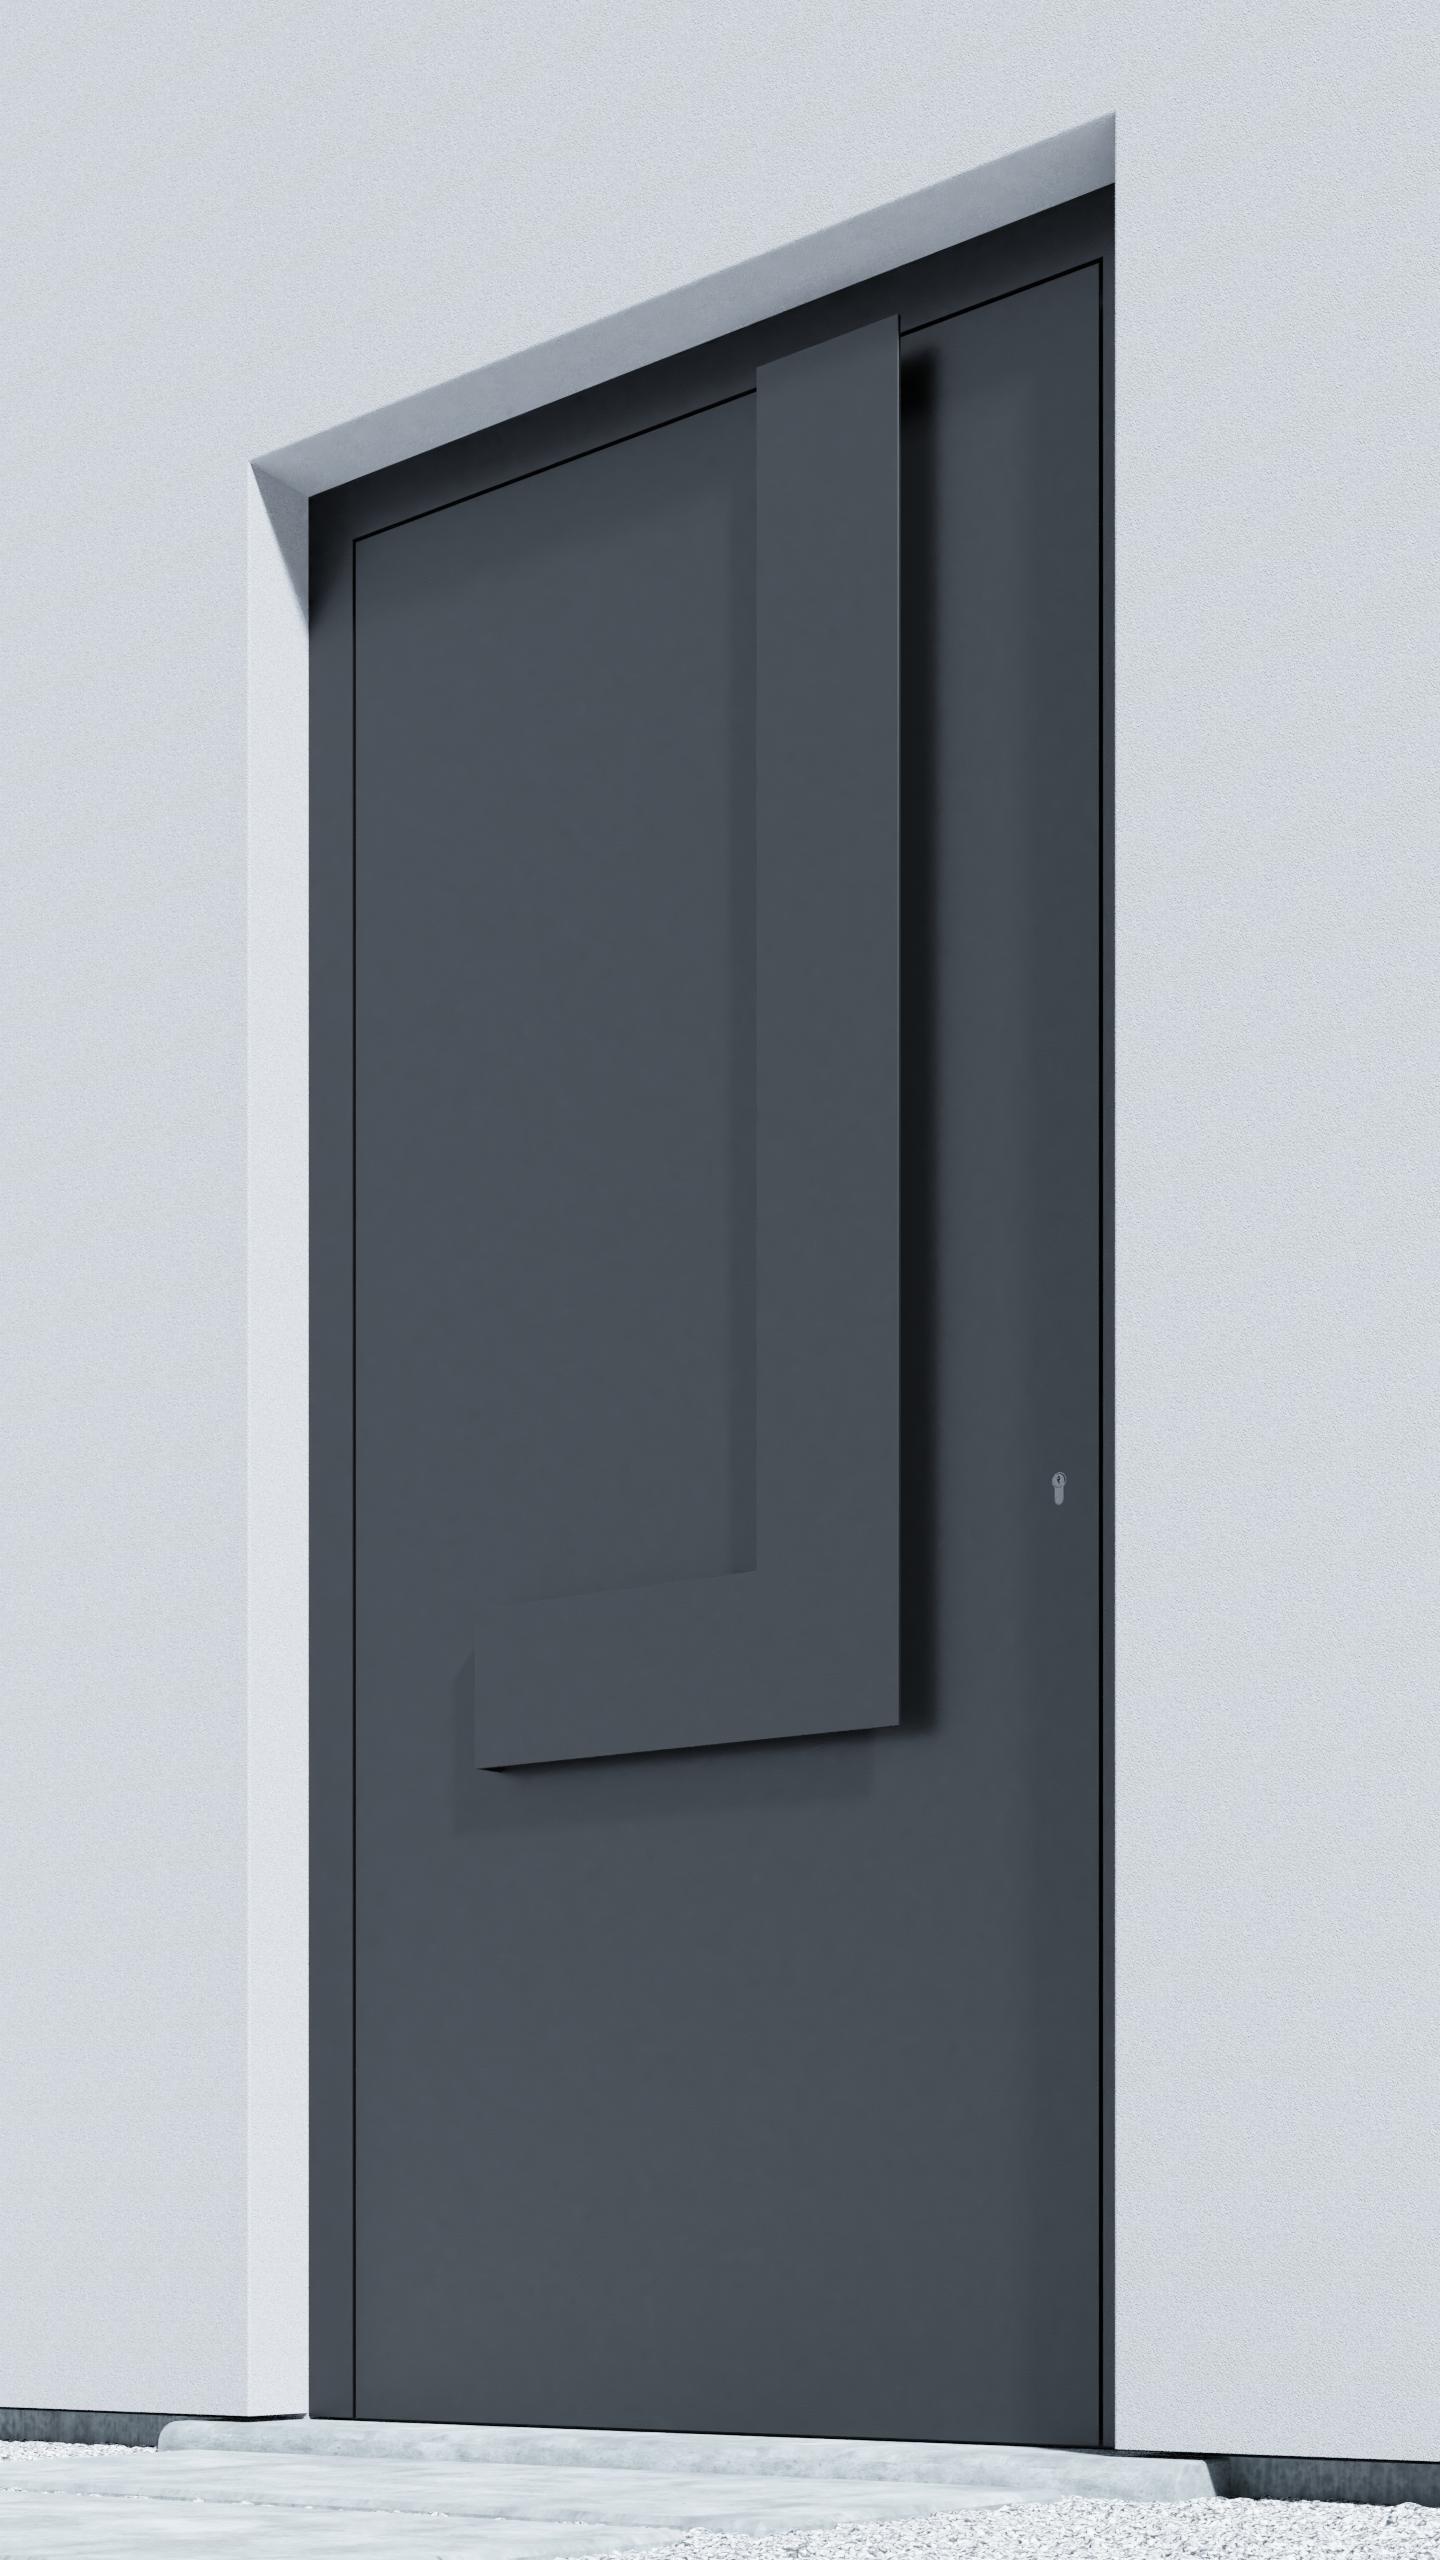 Porte d'entrée BH031Z Stam de la gamme Bauhaus posée par les établissements CELEREAU à Roncq